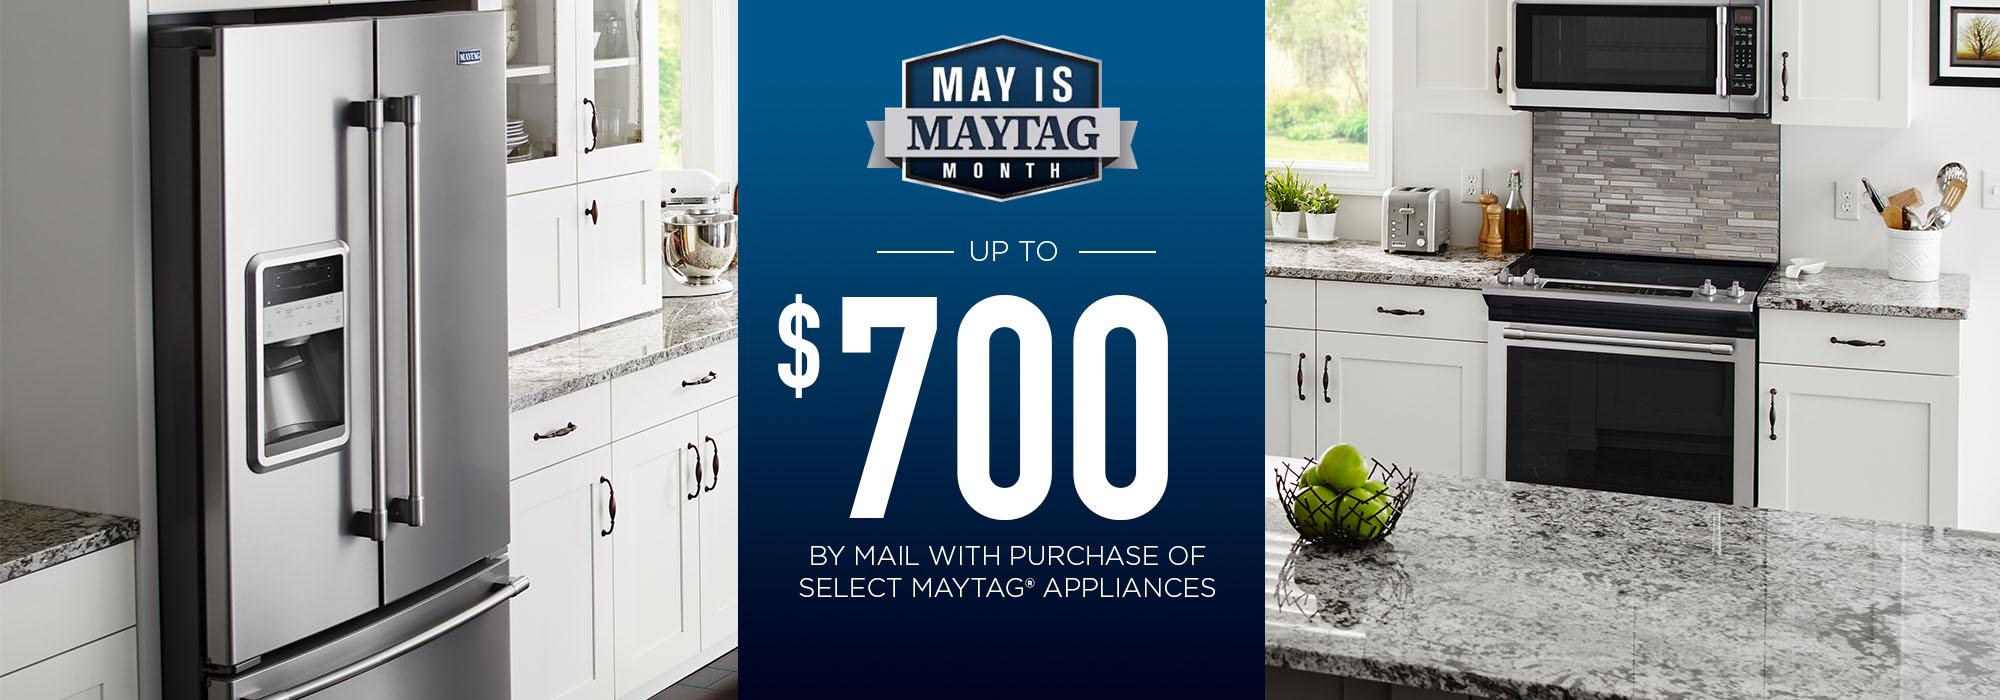 May is Maytag main